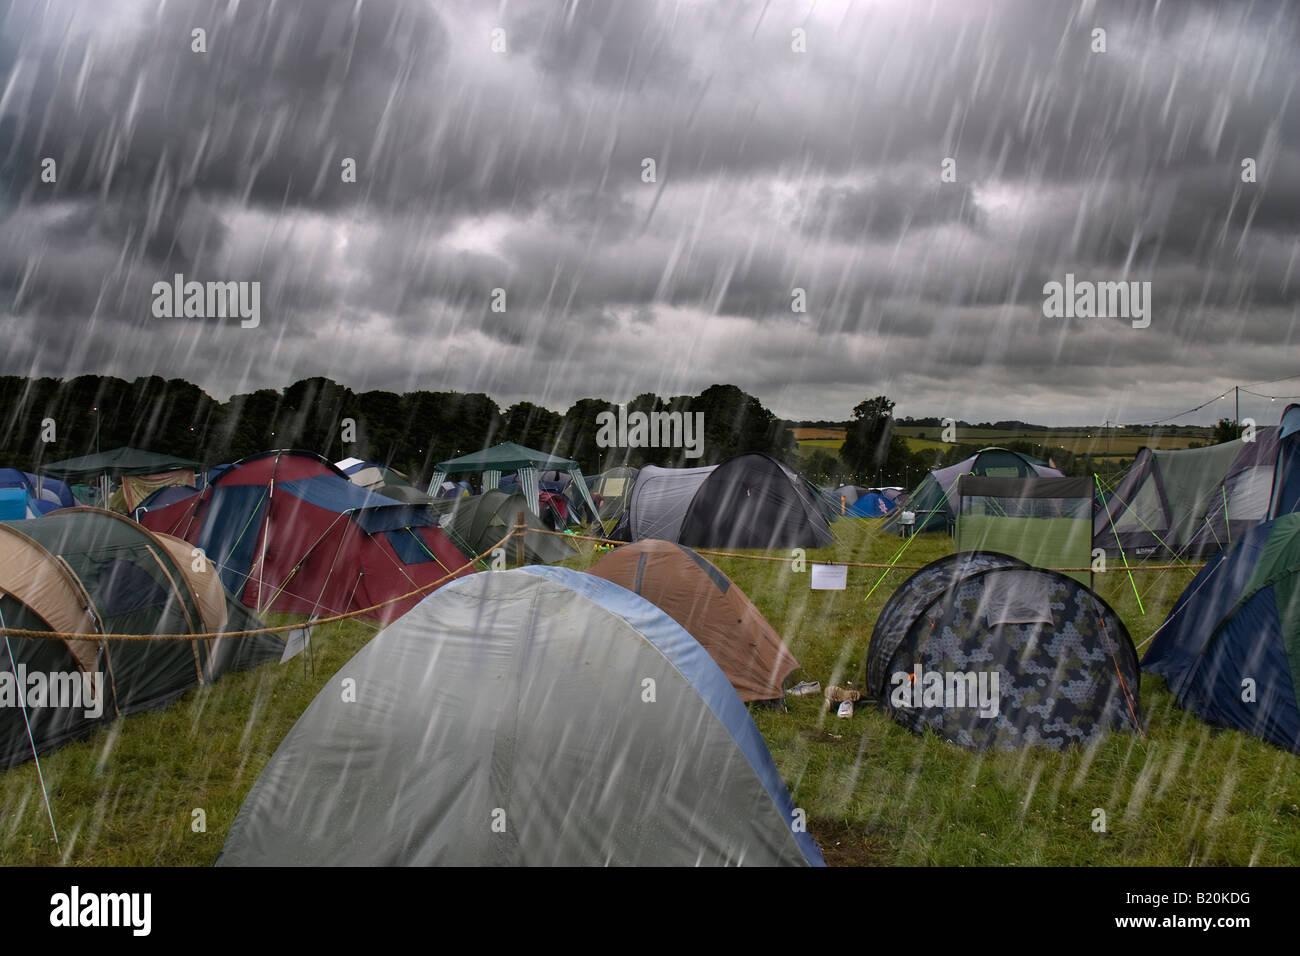 Nubes oscuras en el cielo con las lluvias torrenciales caídas en tiendas de campaña en un camping en el Imagen De Stock